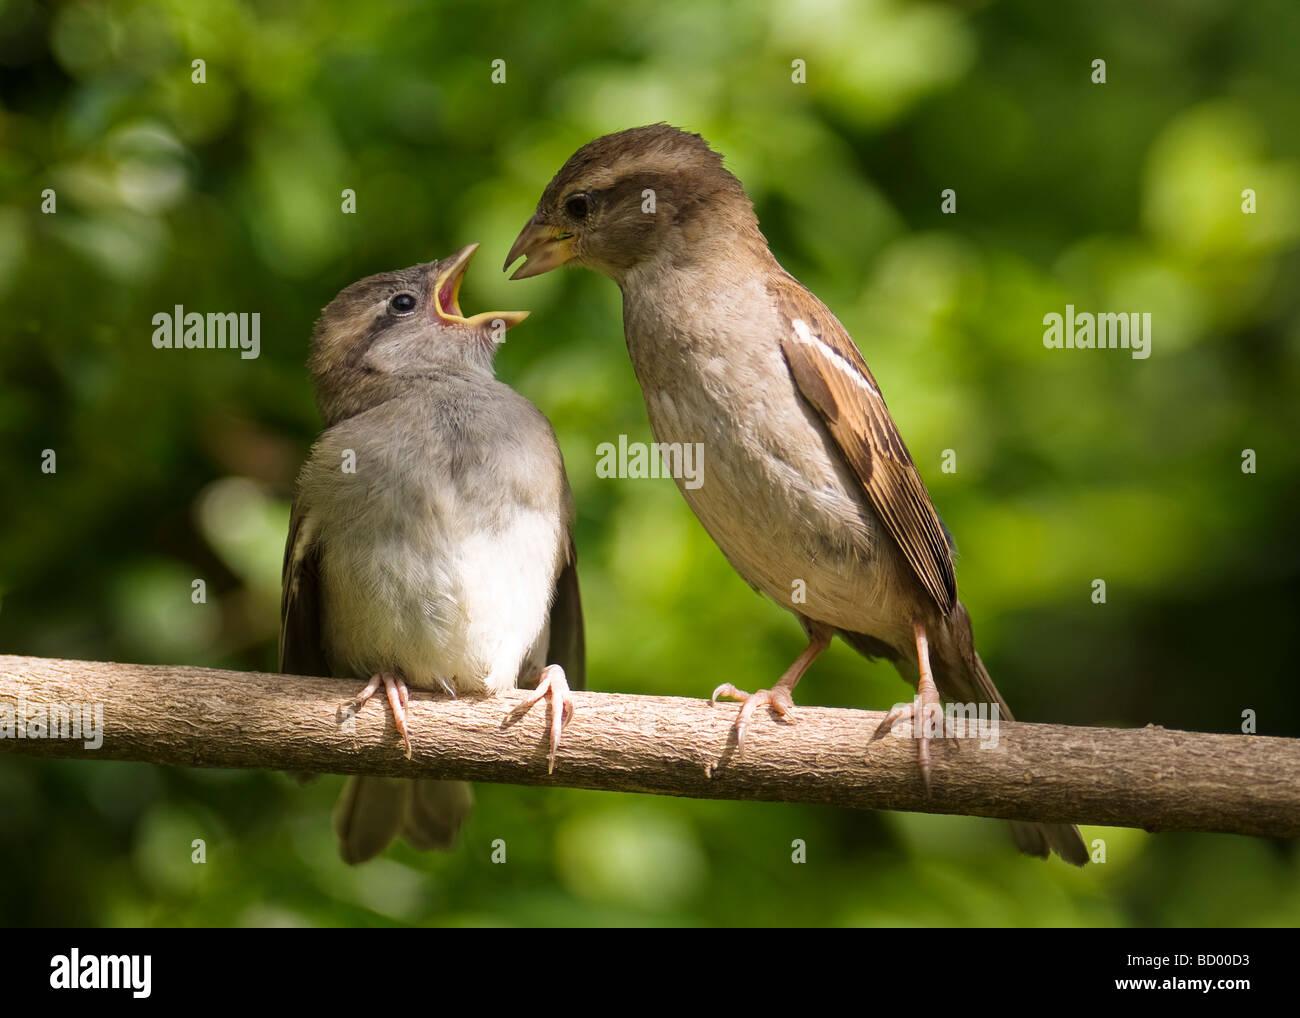 Joven gorrión Passer domesticus siendo alimentados por el padre pájaro en una rama. Foto de stock